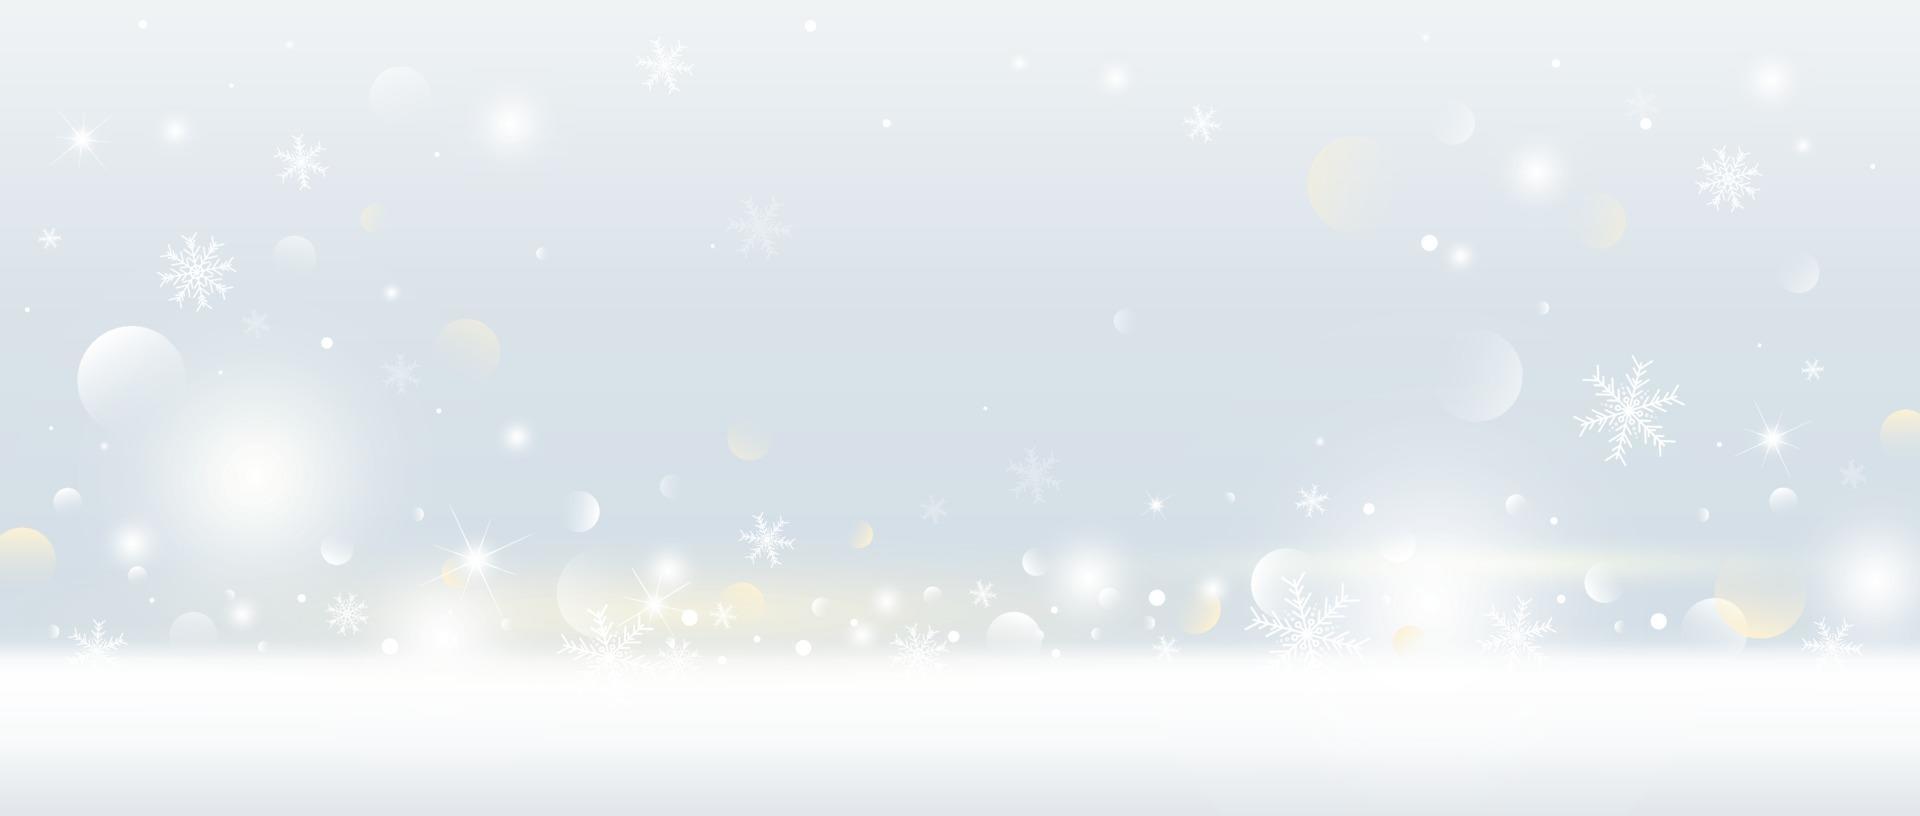 Diseño de fondo de Navidad de copo de nieve y nieve cayendo con luces bokeh ilustración vectorial vector